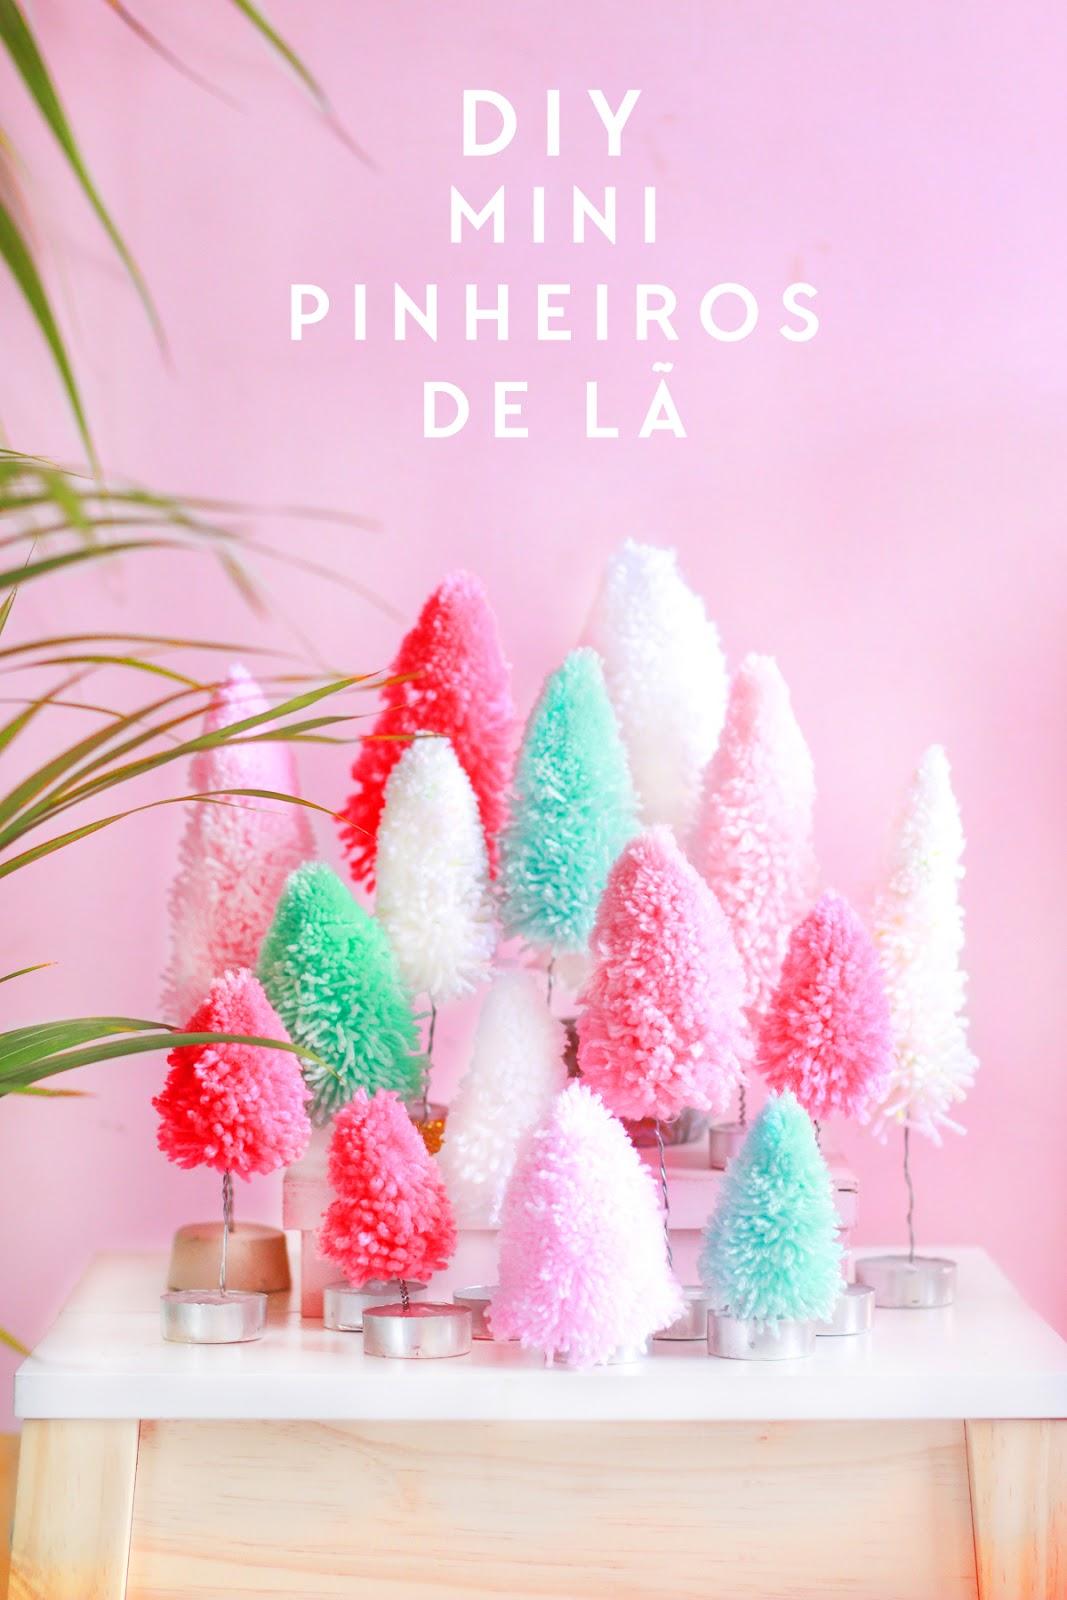 Especial natal: pinheirinhos de pompom!